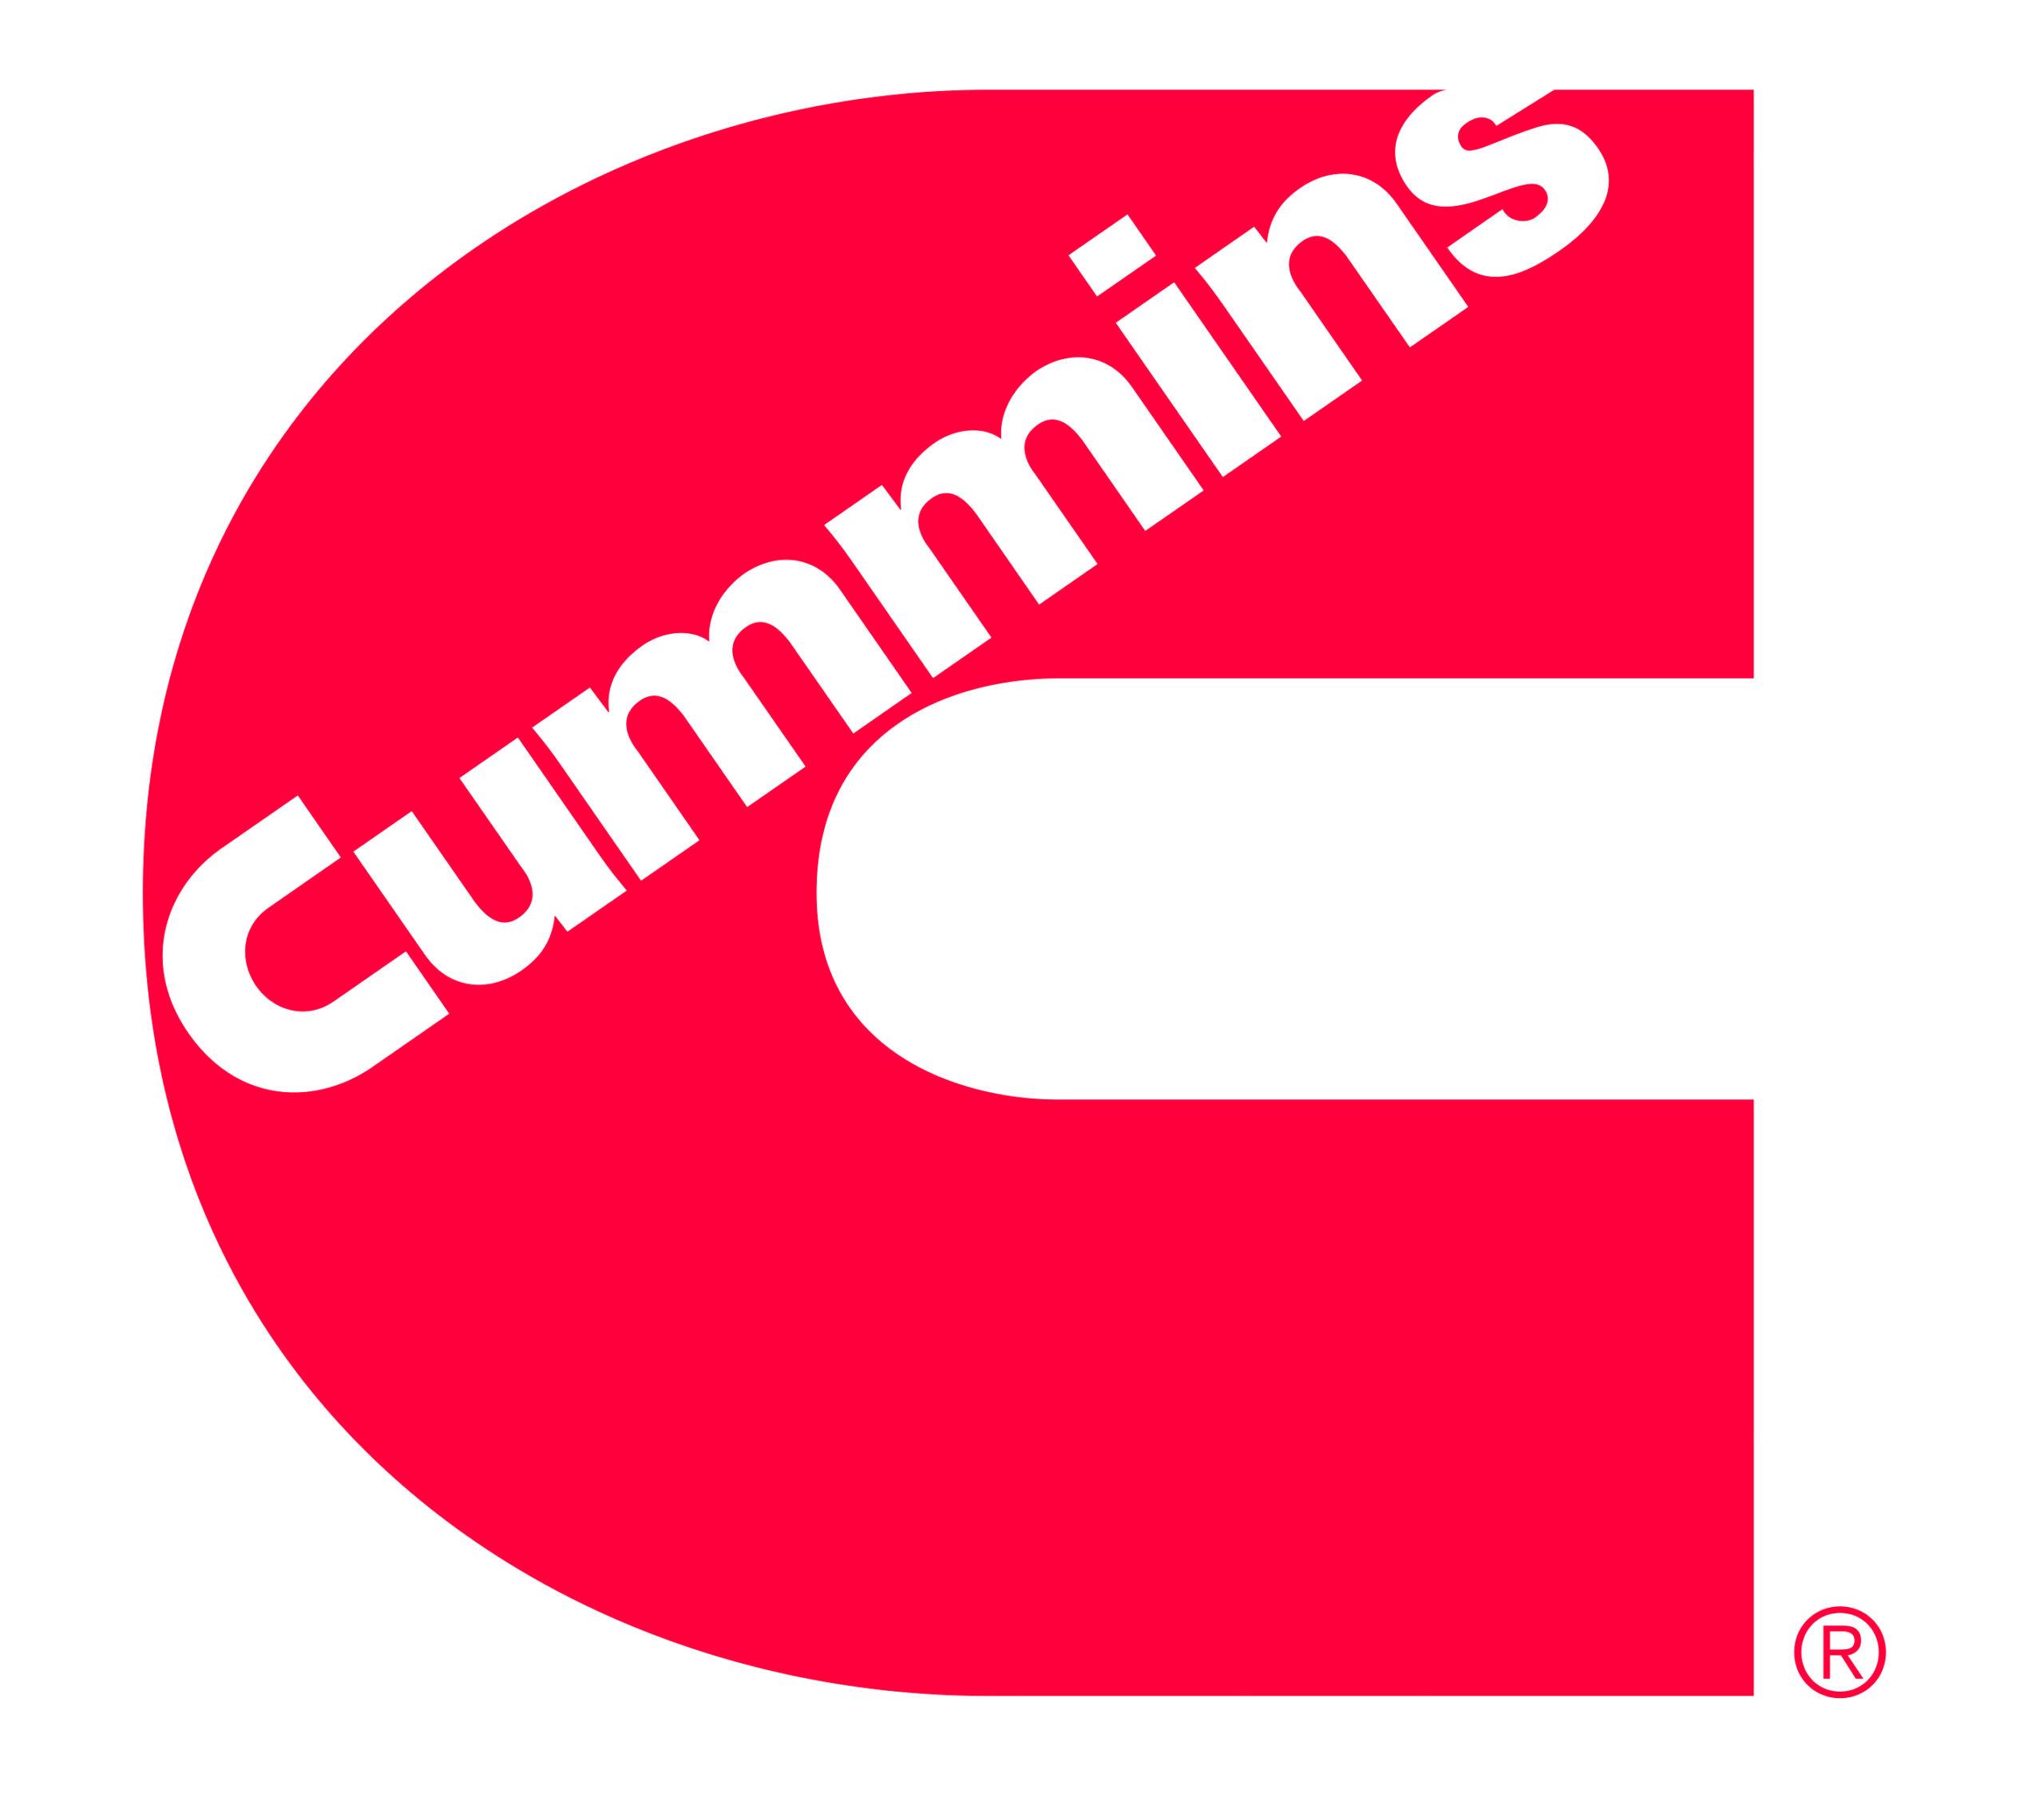 Cummins-emblem